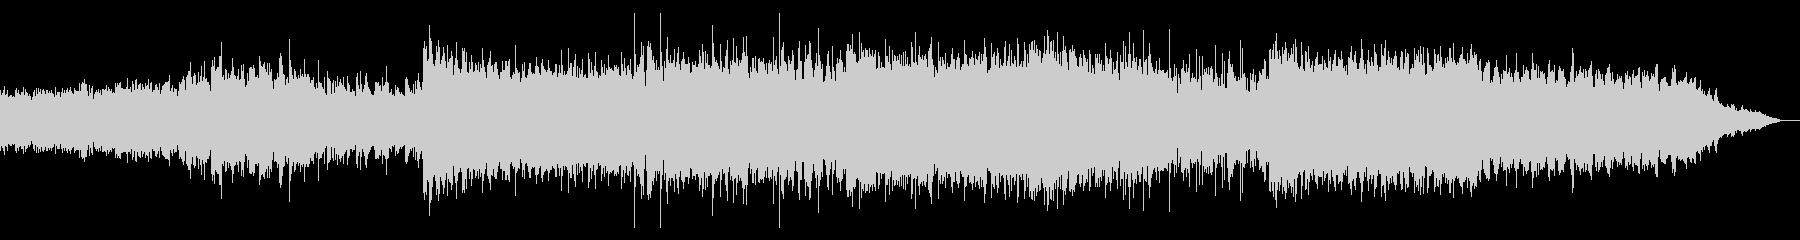 デジタルで歪なアンビエントIDMの未再生の波形